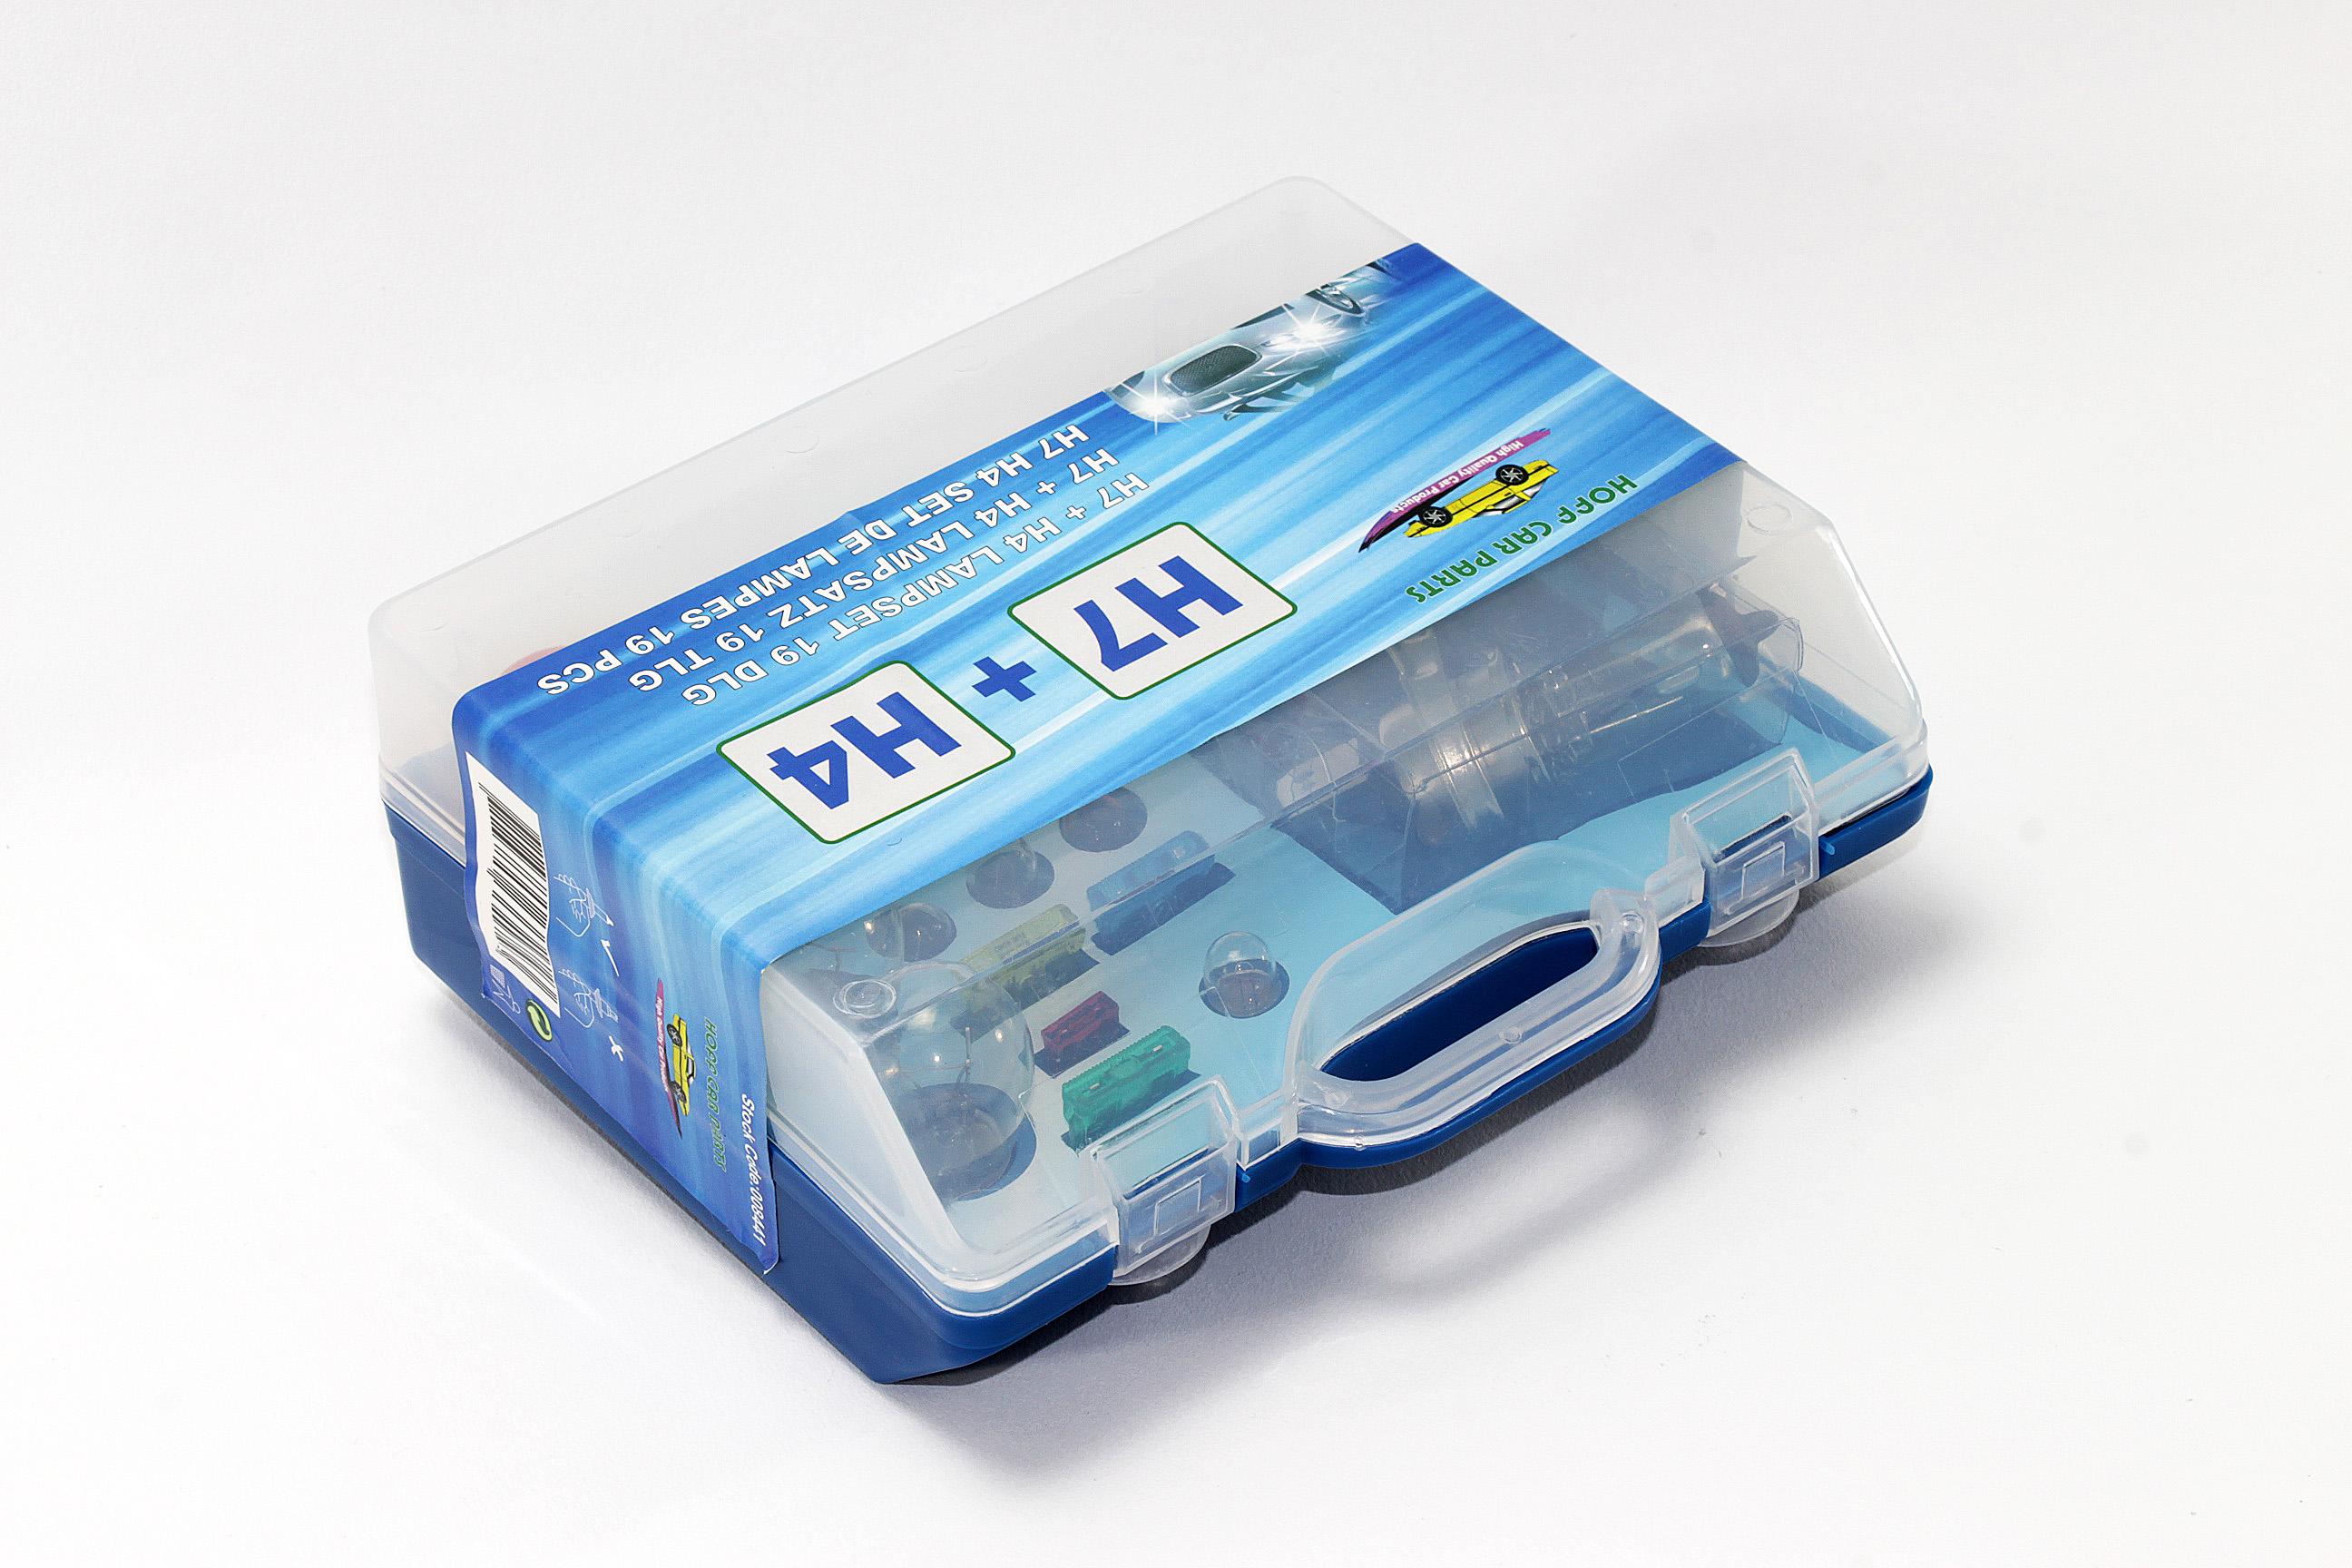 10 tlg Autolampen Box Ersatzbox PKW H1 H4 H7 Lampe Auto Ersatzkasten mit E4